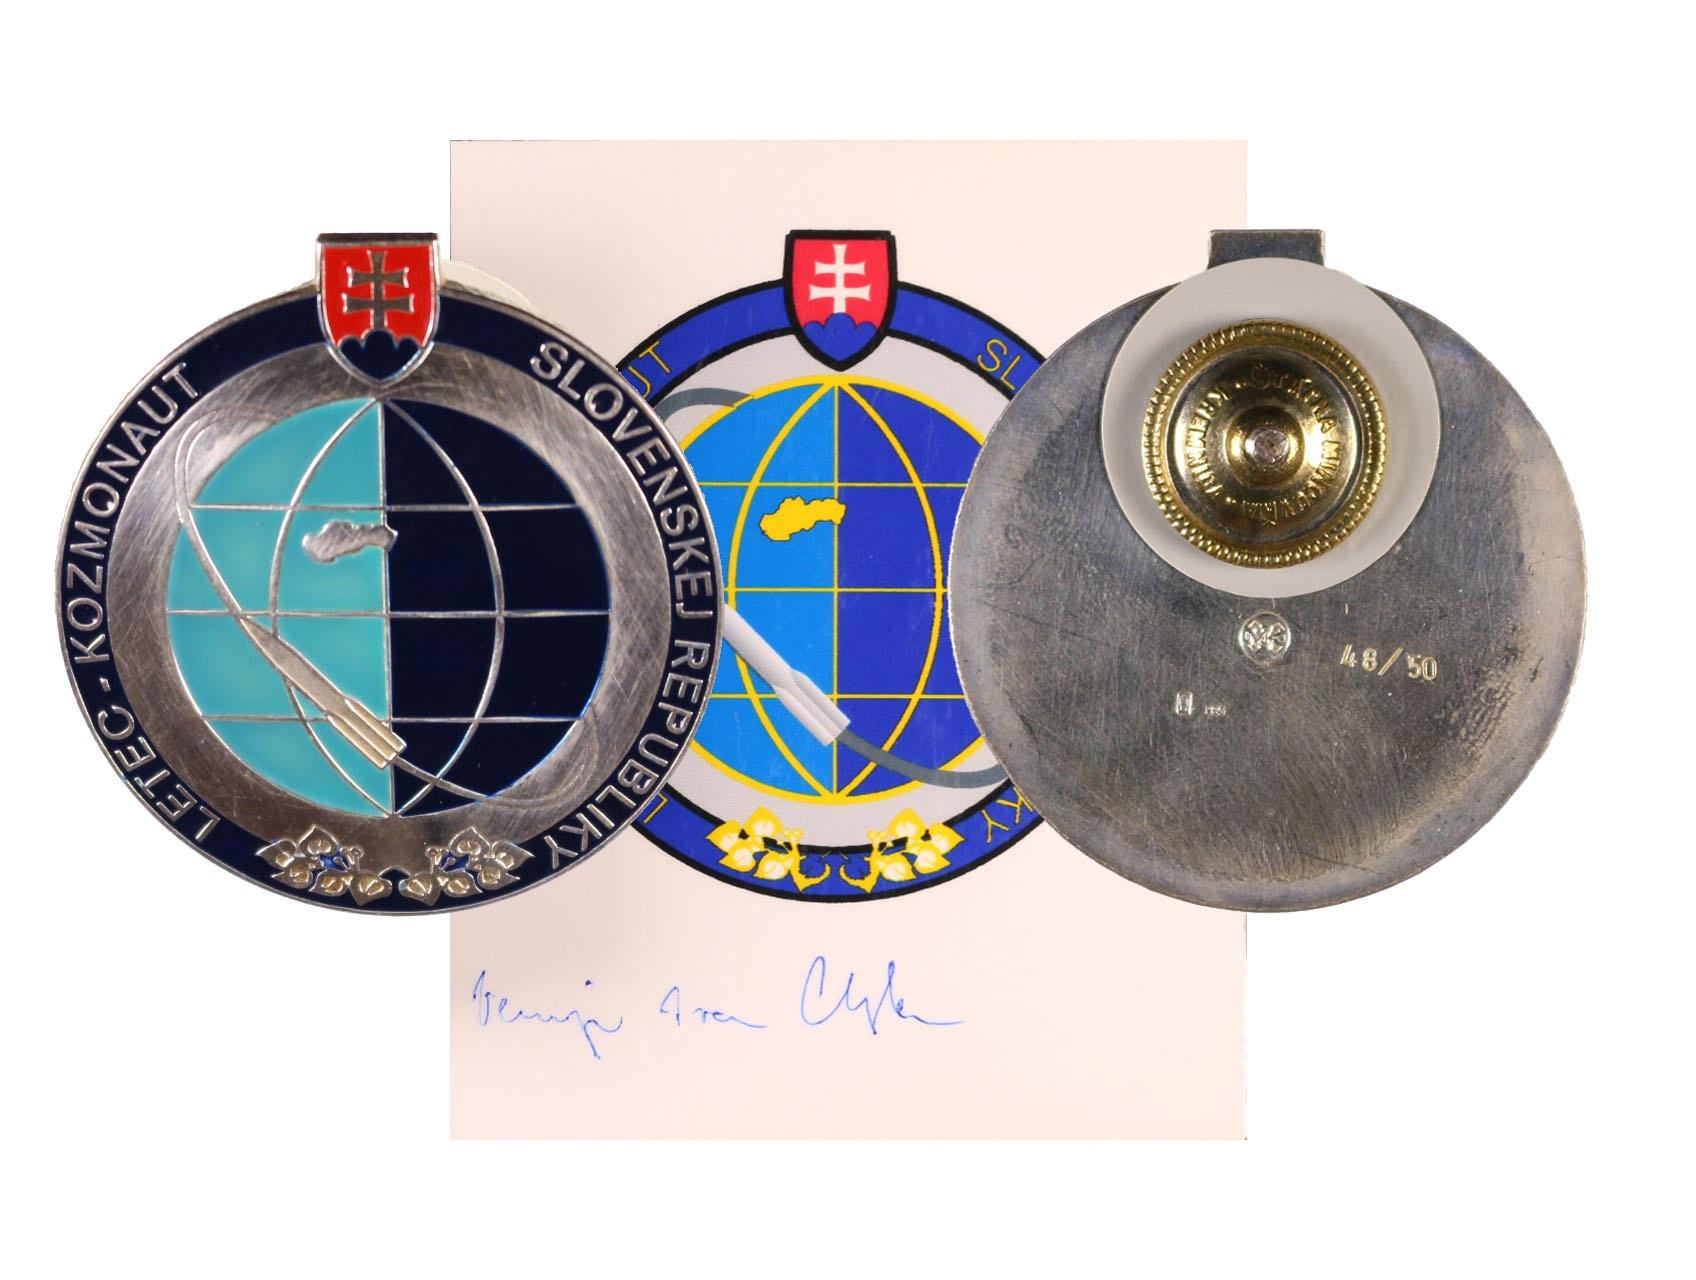 Odznak Letec-kosmonaut Slovenské republiky č.48/50, punc Ag, značka výrobce MK (Micovna Kremnica), původní etue